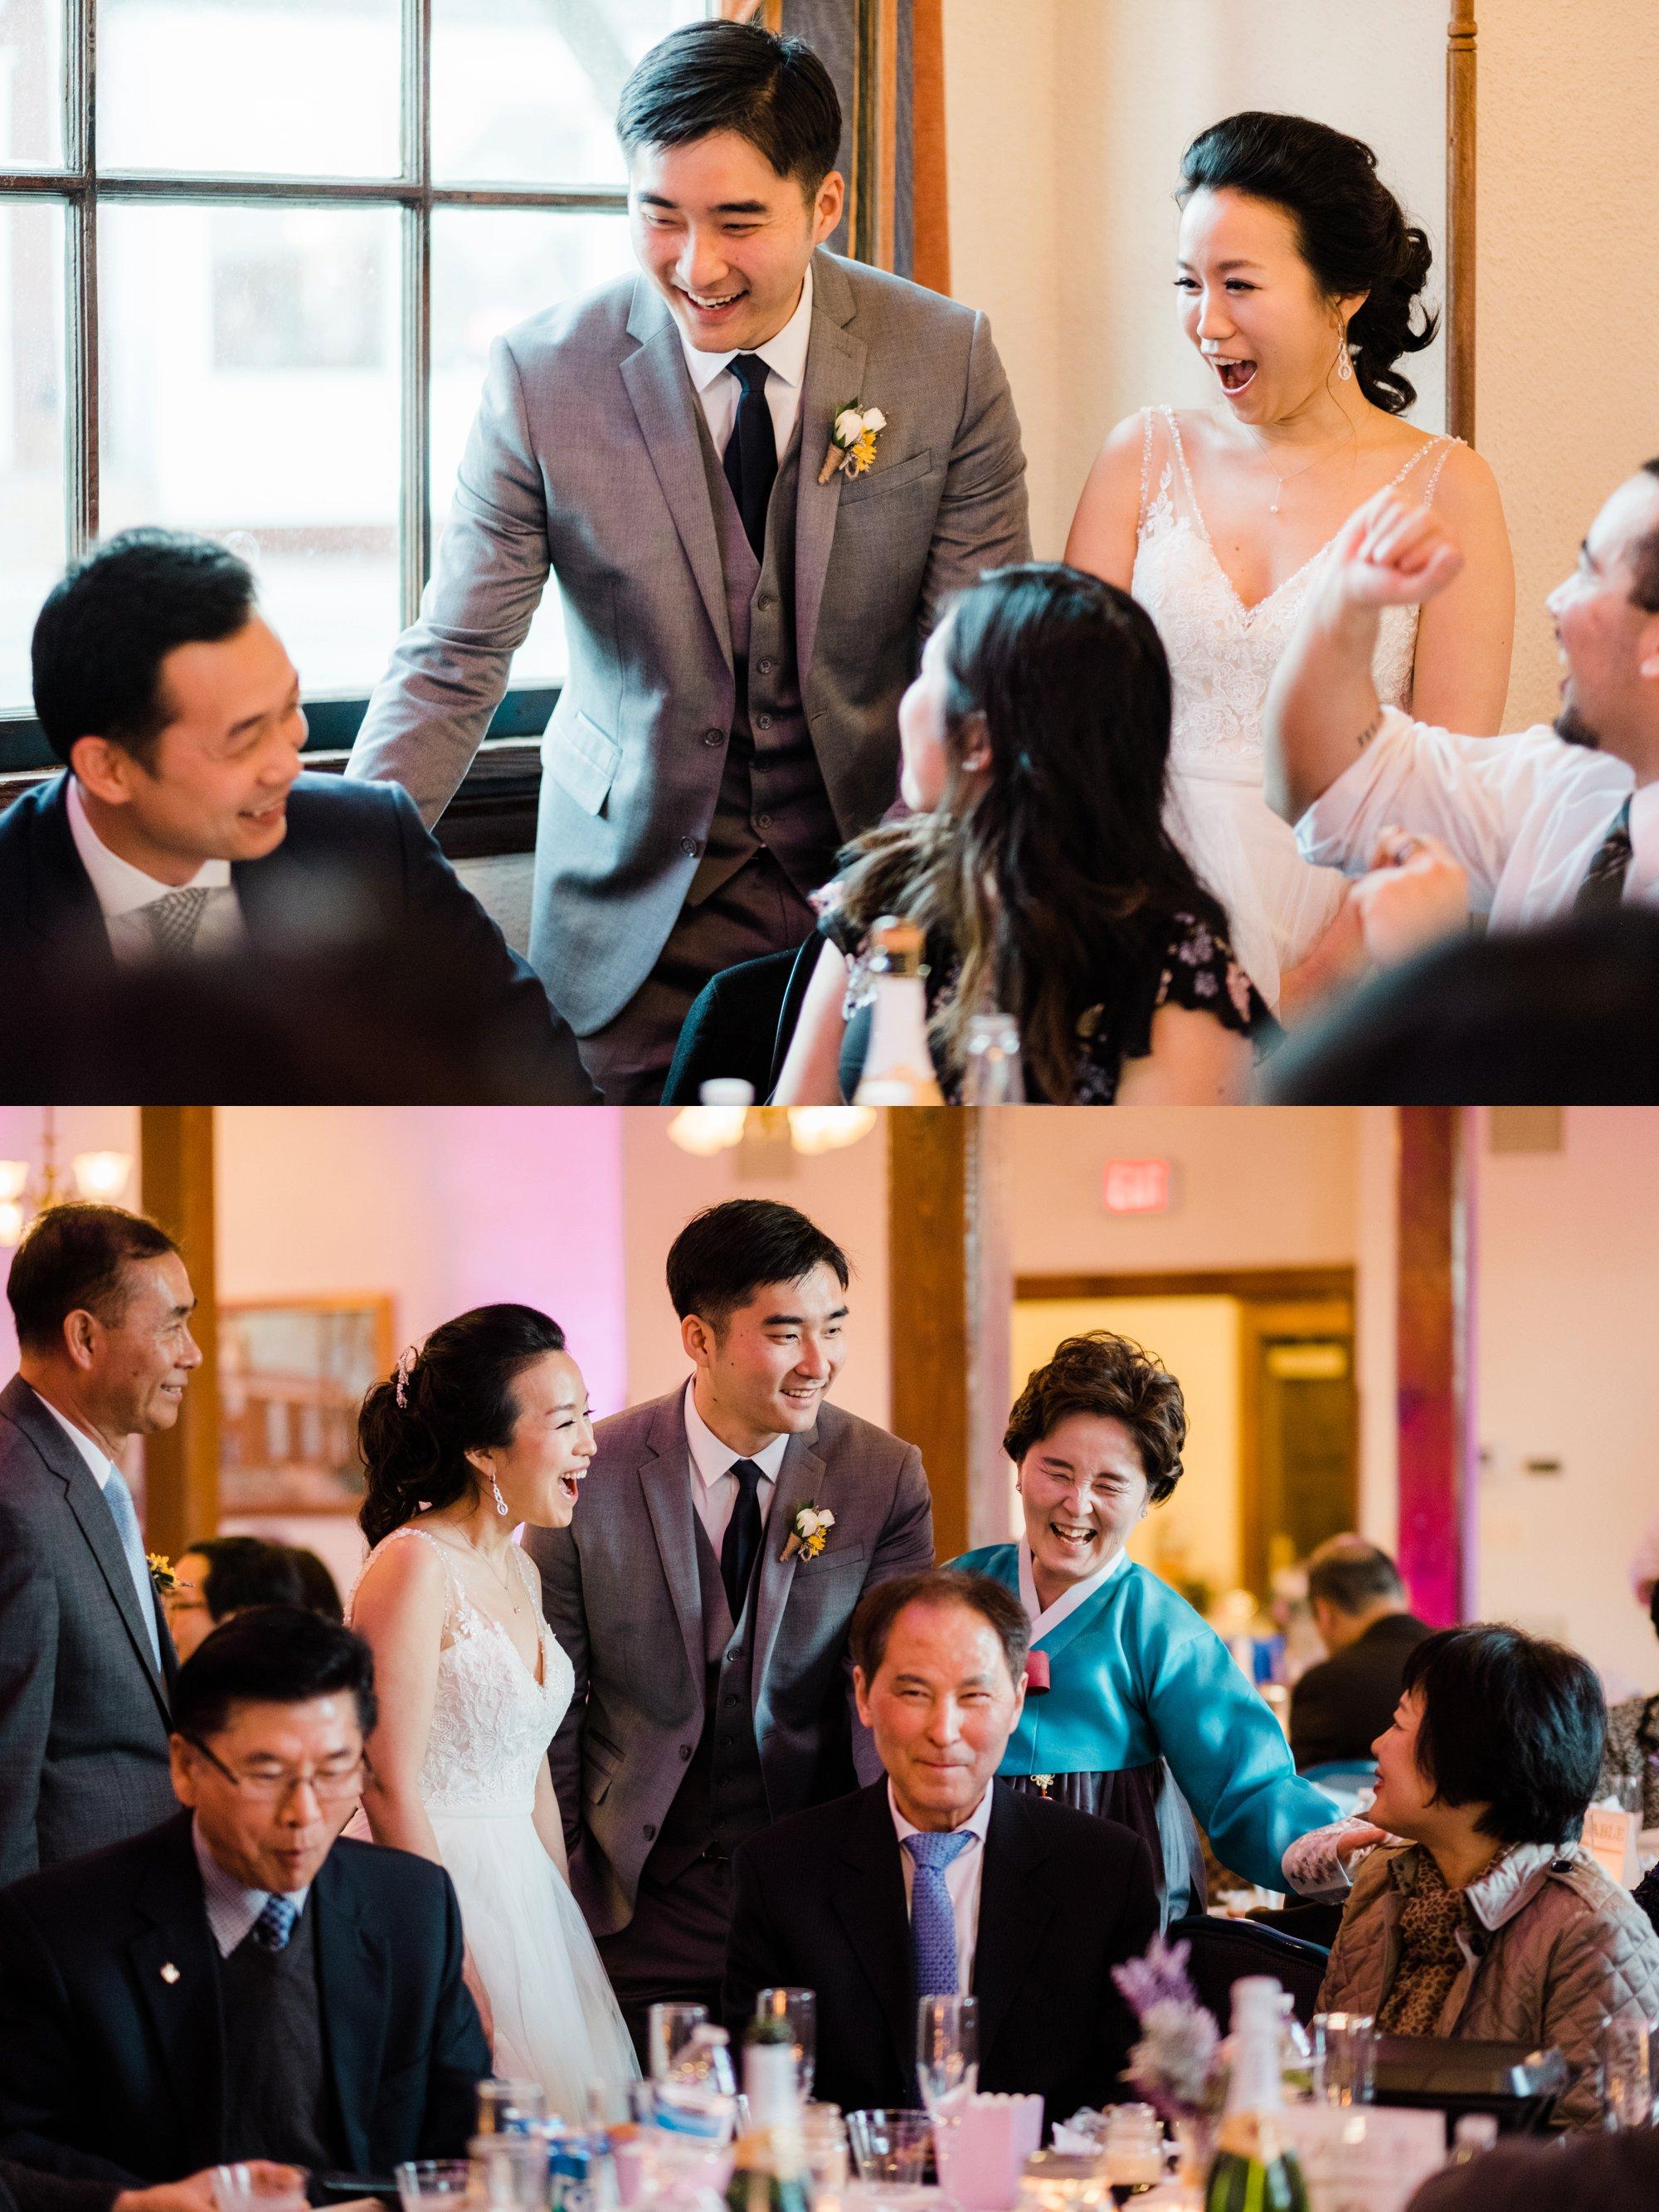 fairfax-dc-wedding-old-city-hall_0156.jpg